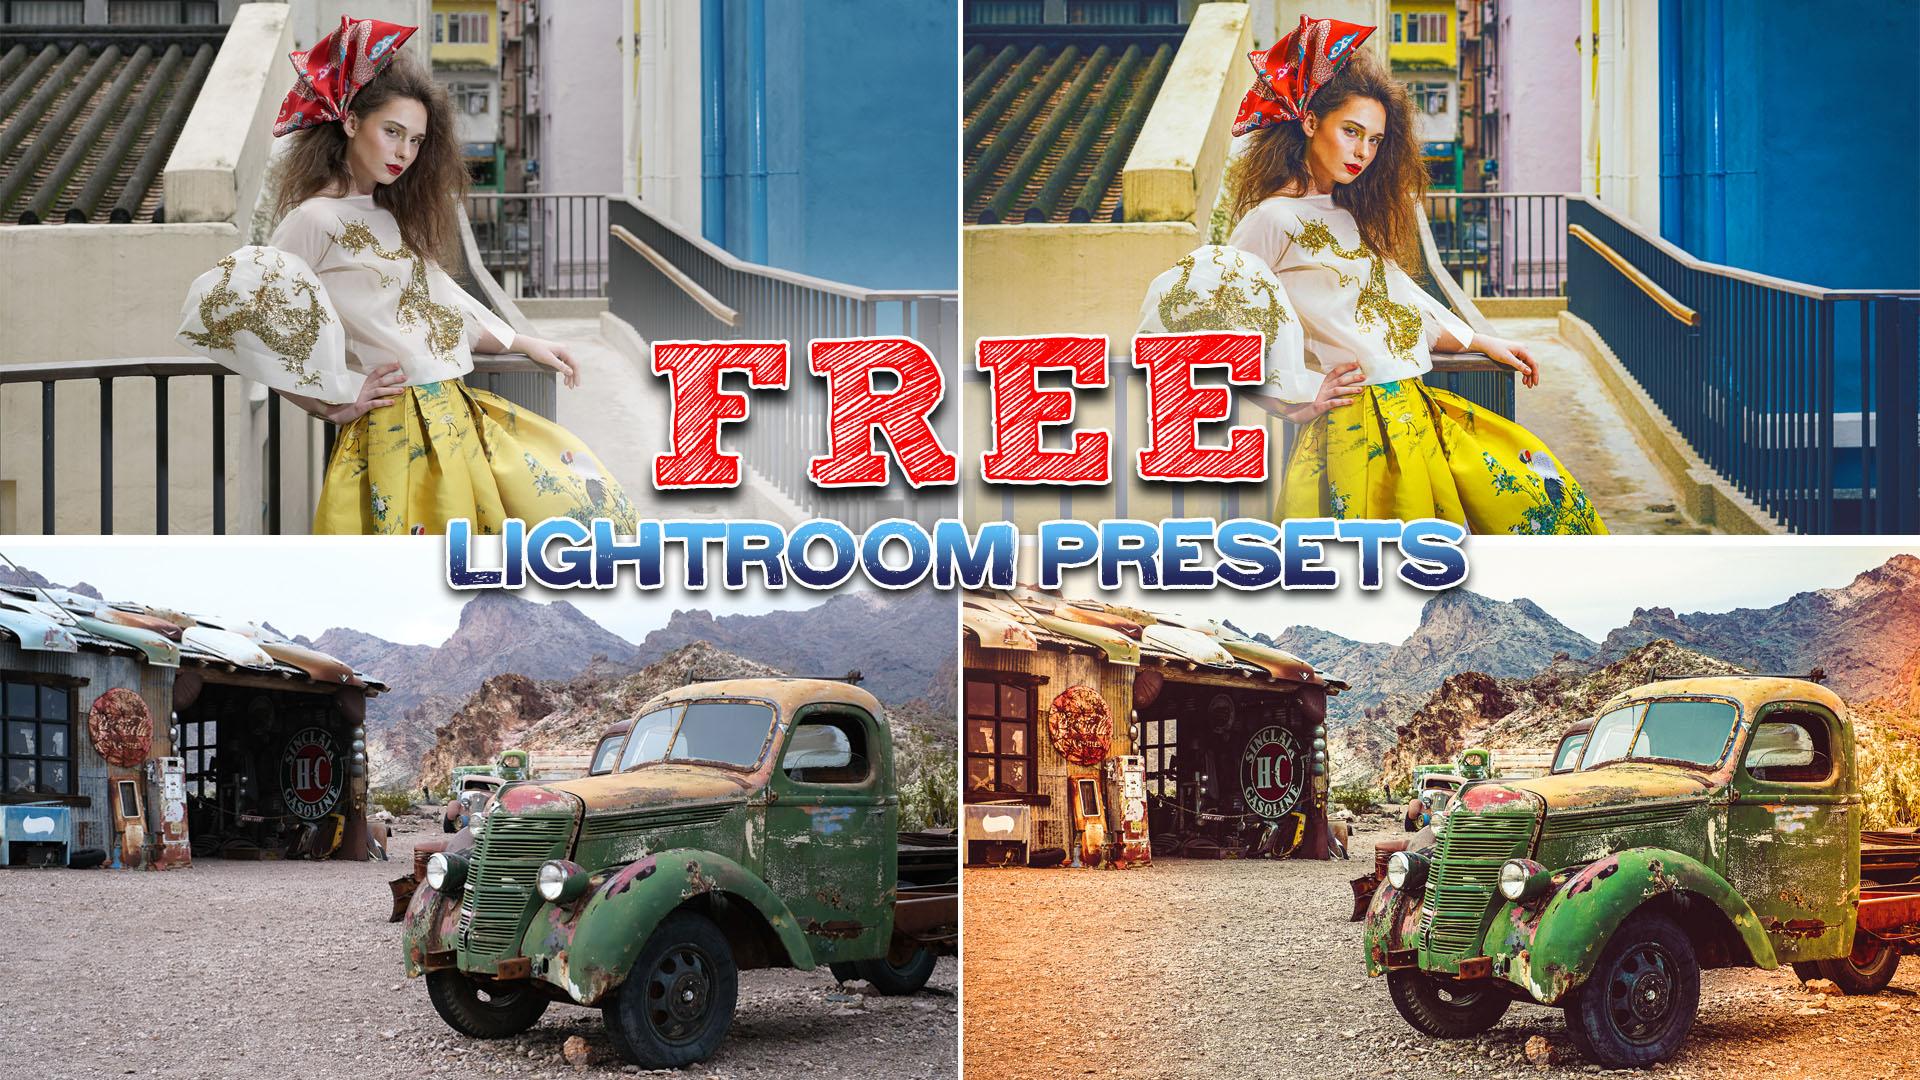 FREE Lightroom Preset from PixelStabbers